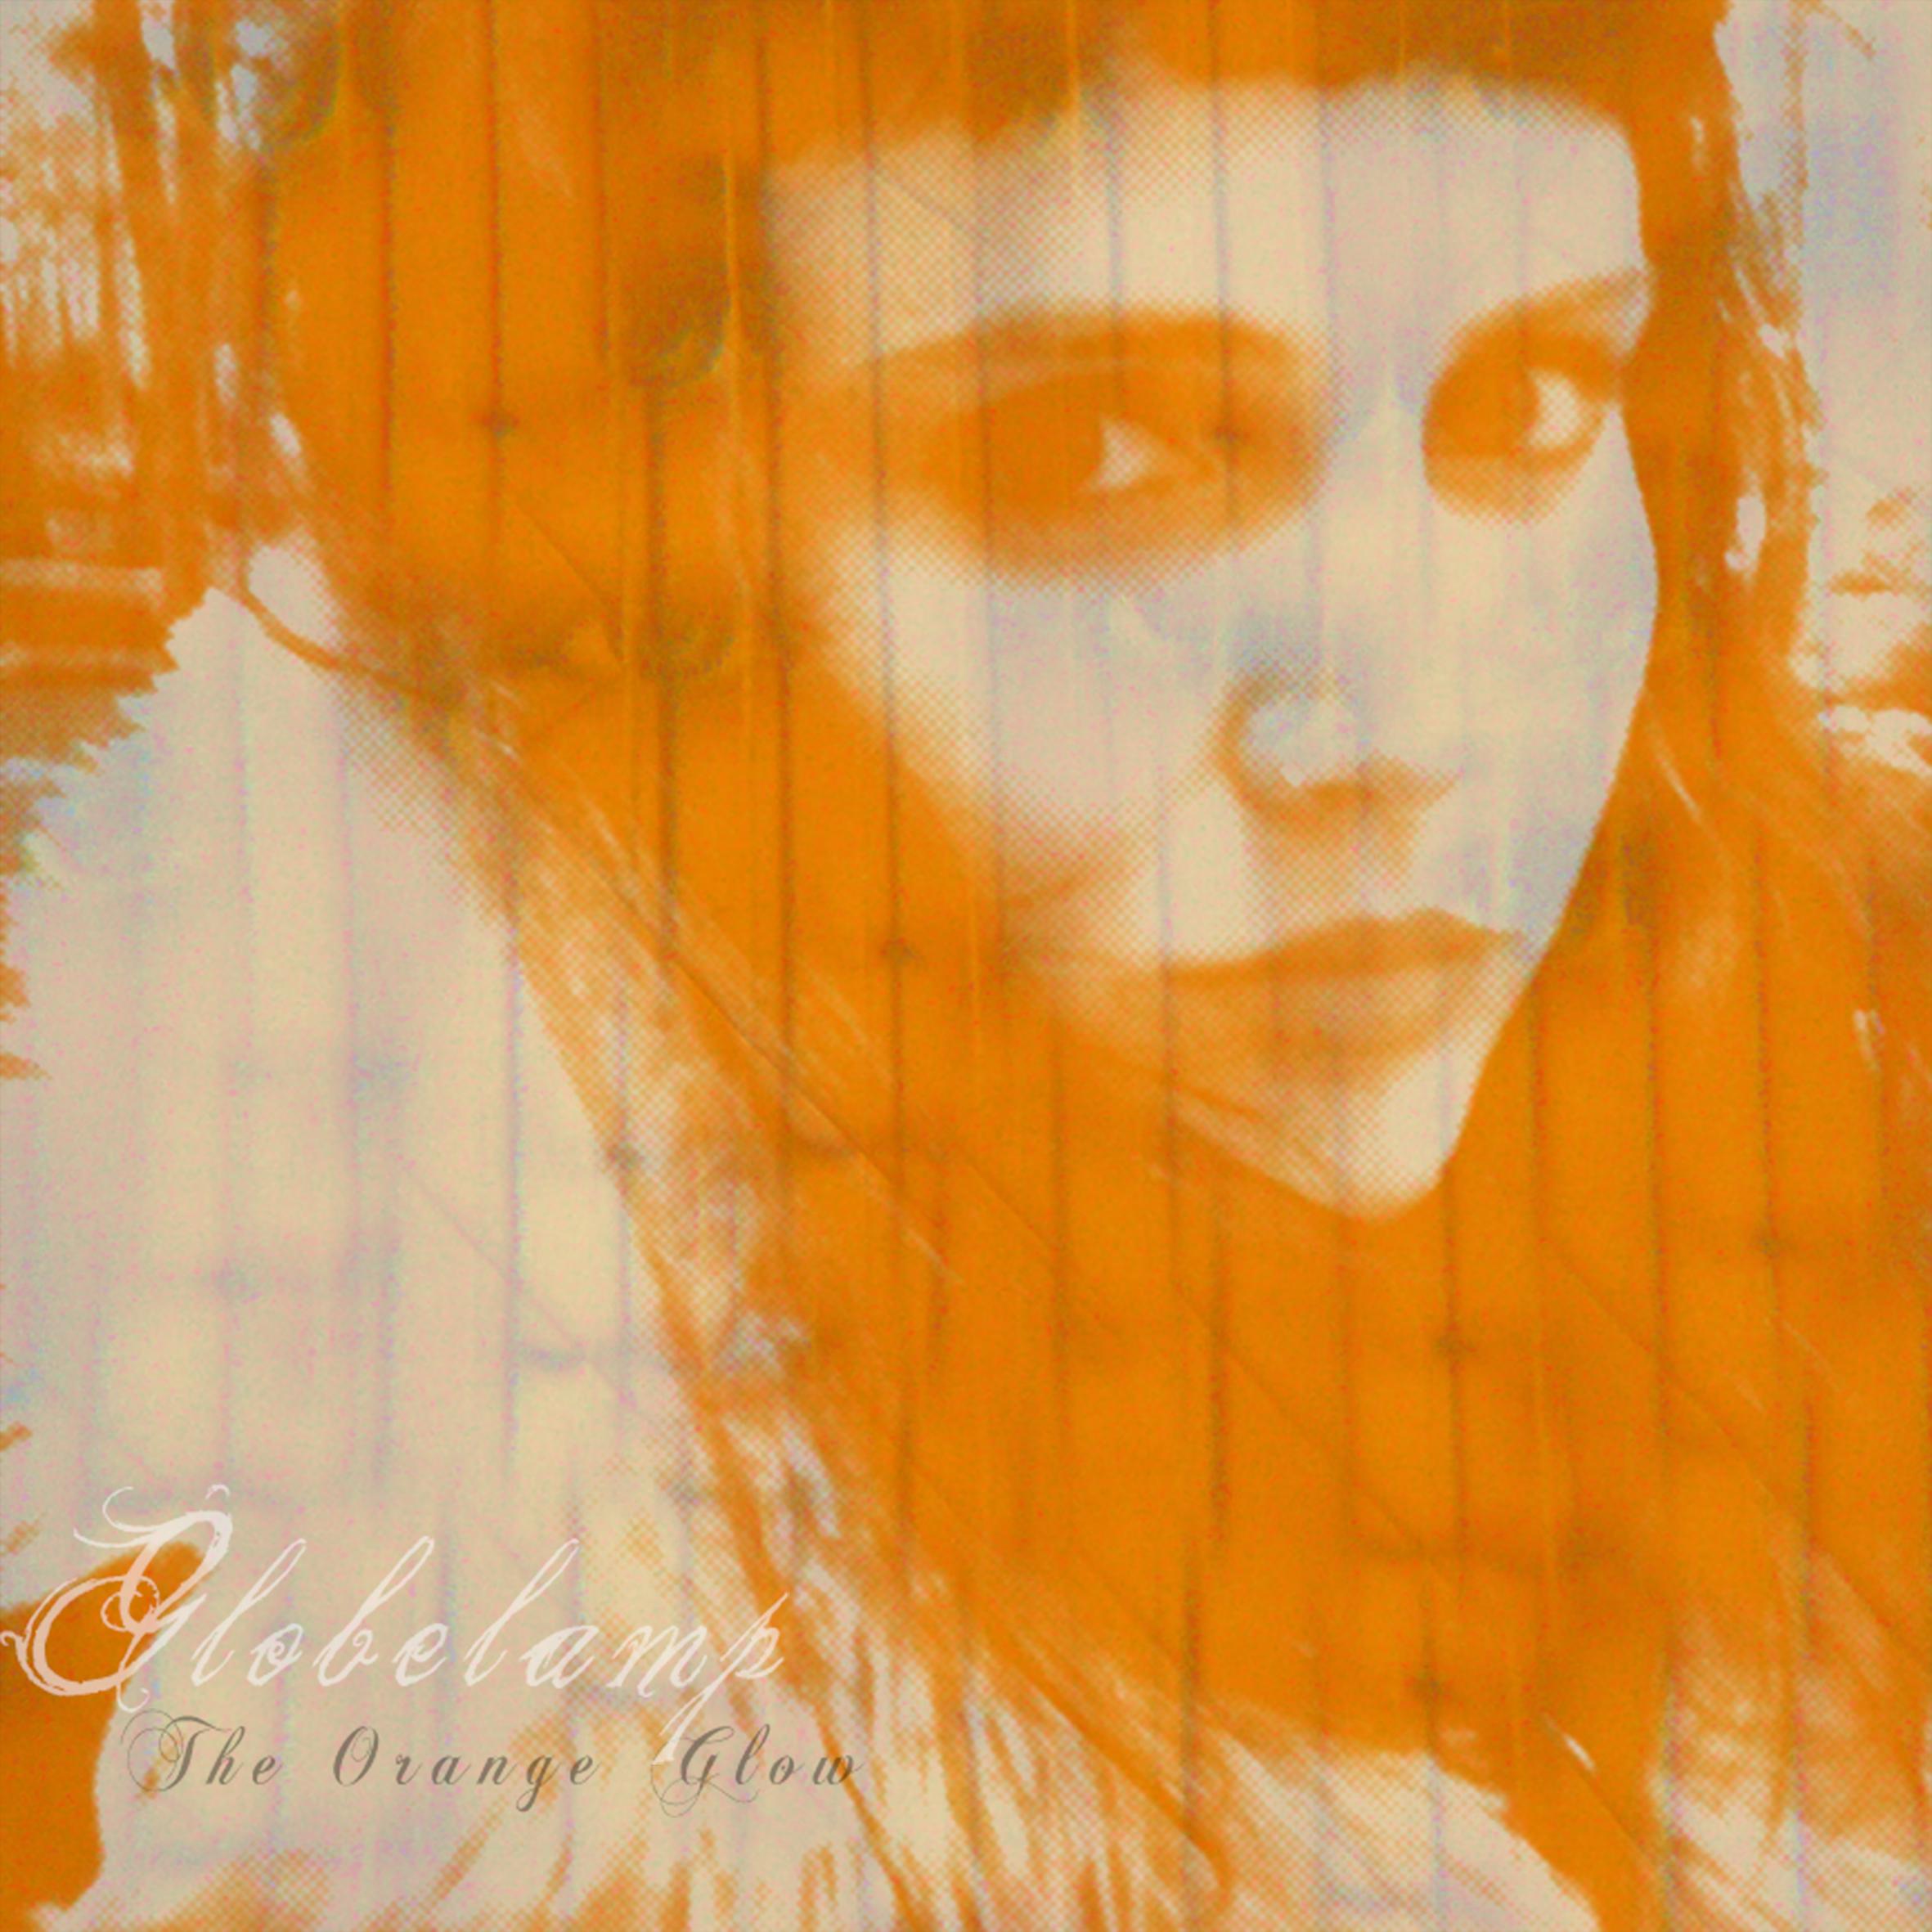 The Orange Glow LP